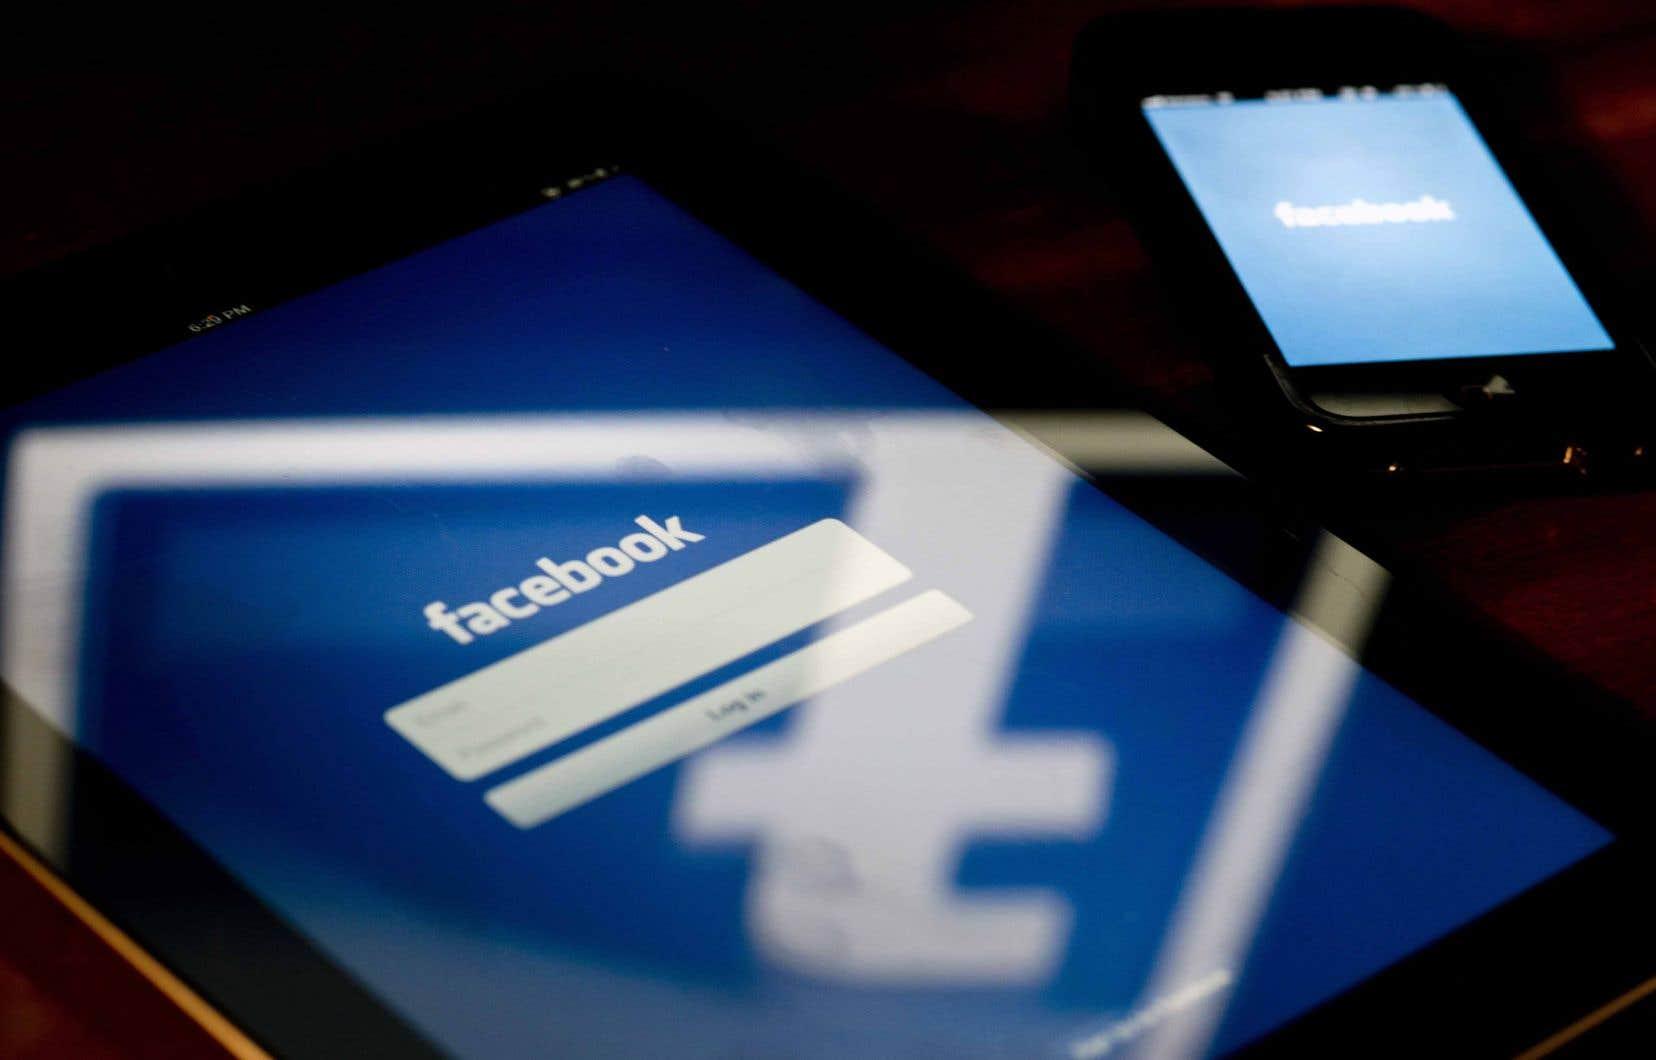 Facebook est «mieux préparé» contre les tentatives de manipulation d'élections, avait une nouvelle fois assuré Mark Zuckerberg dans un long texte diffusé la semaine dernière.